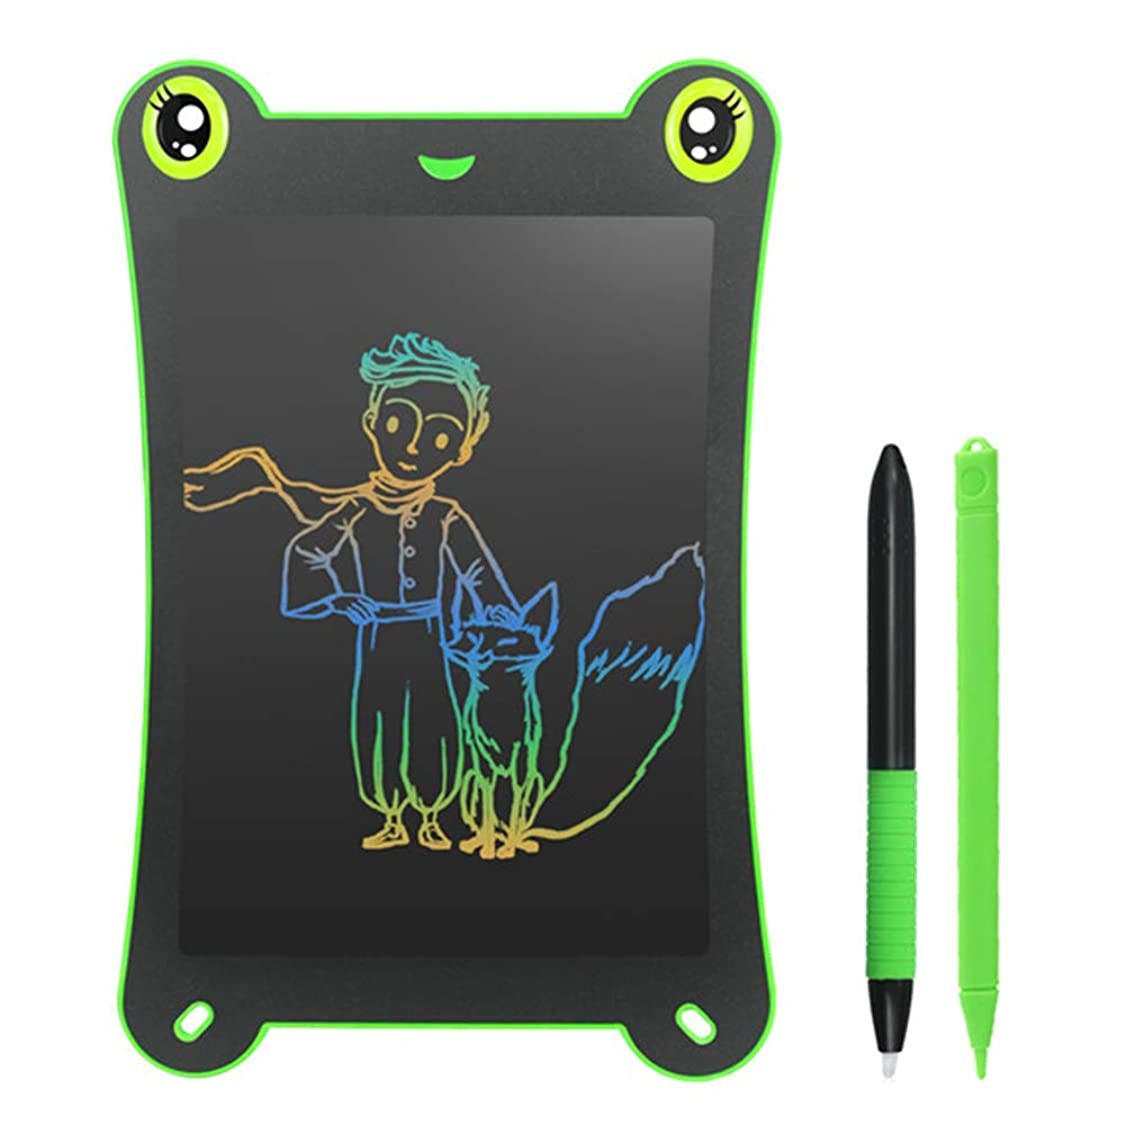 インフラ恥ずかしさ羊飼い8.5インチのカラー画面LCDの書き込みLCD手書きボード、滞在する単語ボードパズル落書き早期教育電子筆記ボード